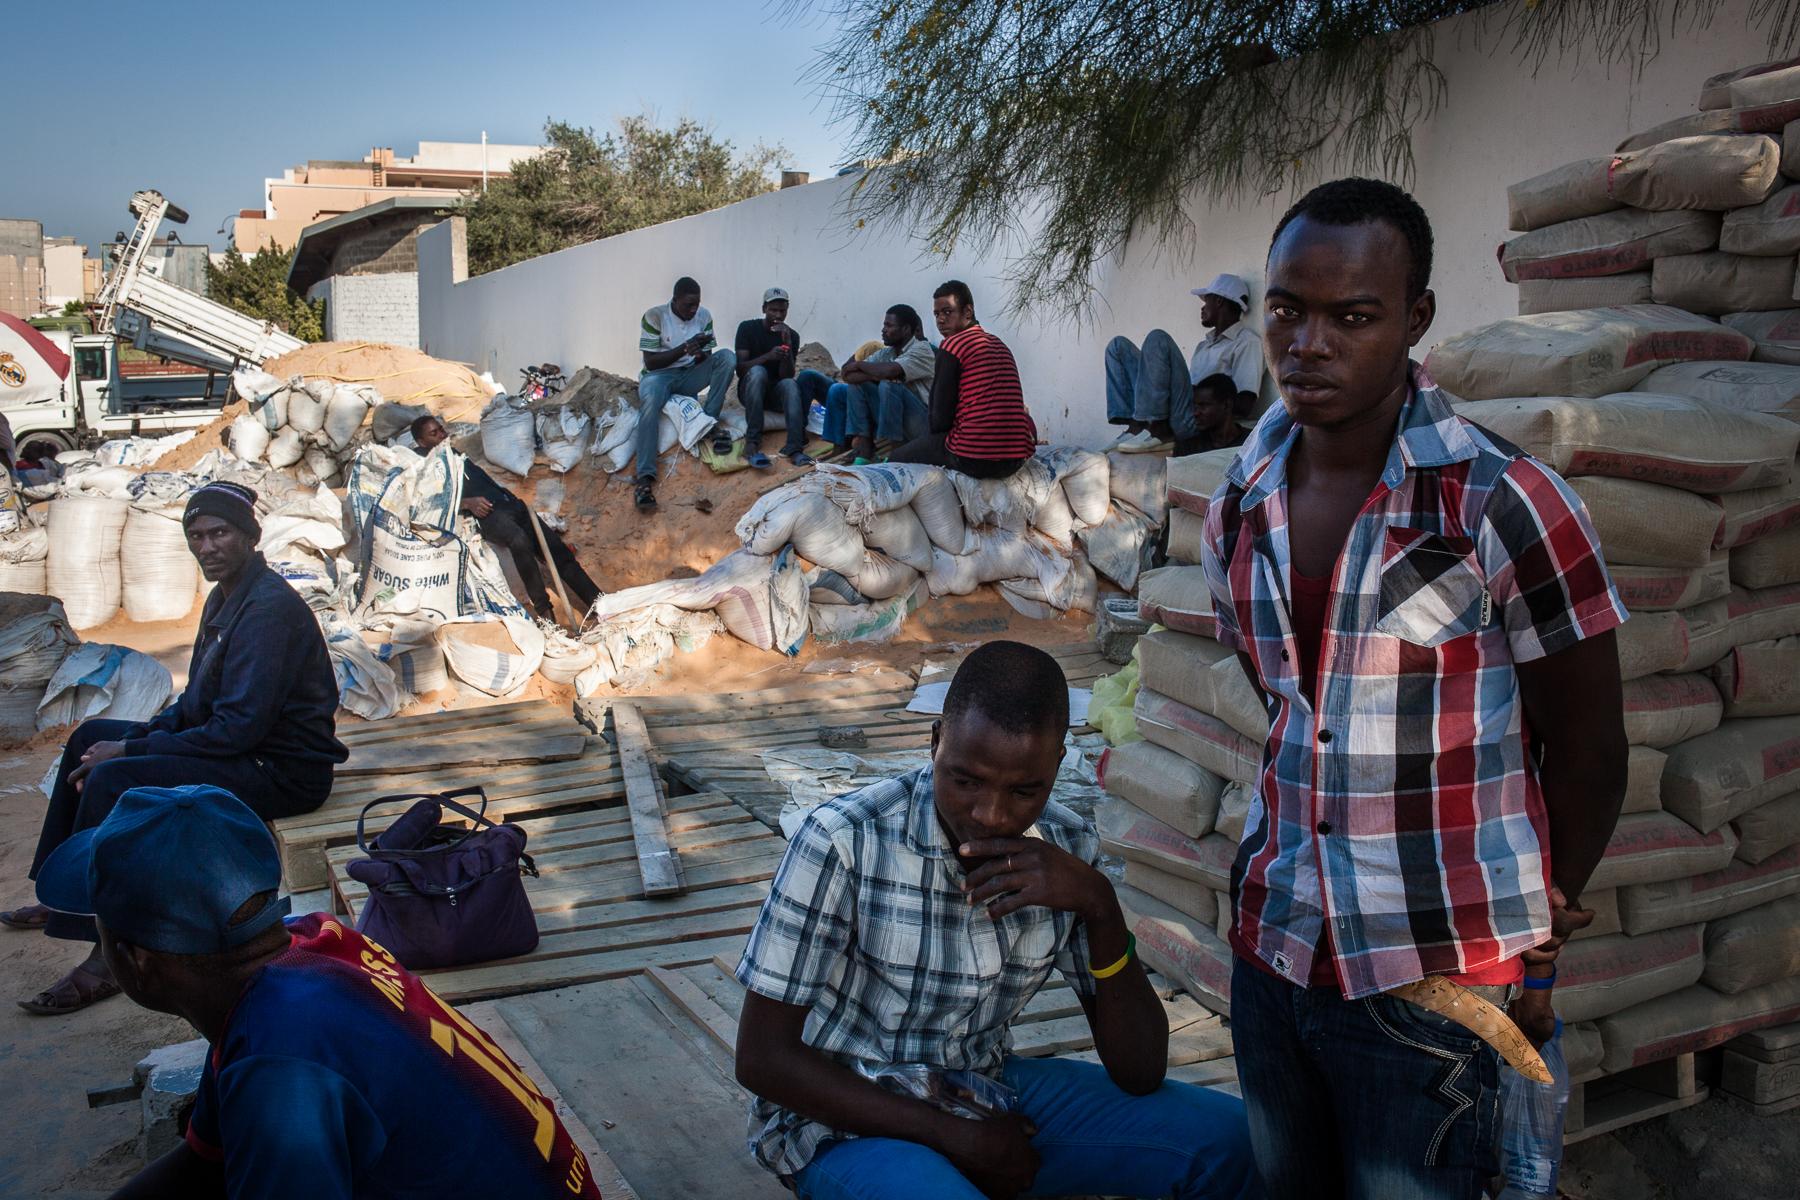 Tripoli, le 8 Juillet 2015. Dans certains quartiers de Tripoli, des migrants illégaux proposent leurs services sur le bord de la route. Maçons, peintres, électriciens, certains cherchent à gagner de l'argent pour envoyer à leur famille restée au pays, d'autres cherchent à accumuler de quoi payer le passage vers l'Europe. Tous s'accordent à dire que ces derniers mois, il y a de moins en moins de travail, et que les salaires ont été sérieusement réduits. Ils sont régulièrement victimes d'arnaques, de racket, voire d'enlèvements.   Tripoli, July 8, 2015. In some neighborhoods of Tripoli, illegal migrants are offering their services on the roadside. Masons, painters, electricians, some seek to earn money to send to their families back home, others are looking to accumulate money to pay the passage to Europe. All agree that in recent months, there is less and less work, and wages have been seriously reduced. They are regularly victims of scams, racketeering and even kidnappings.